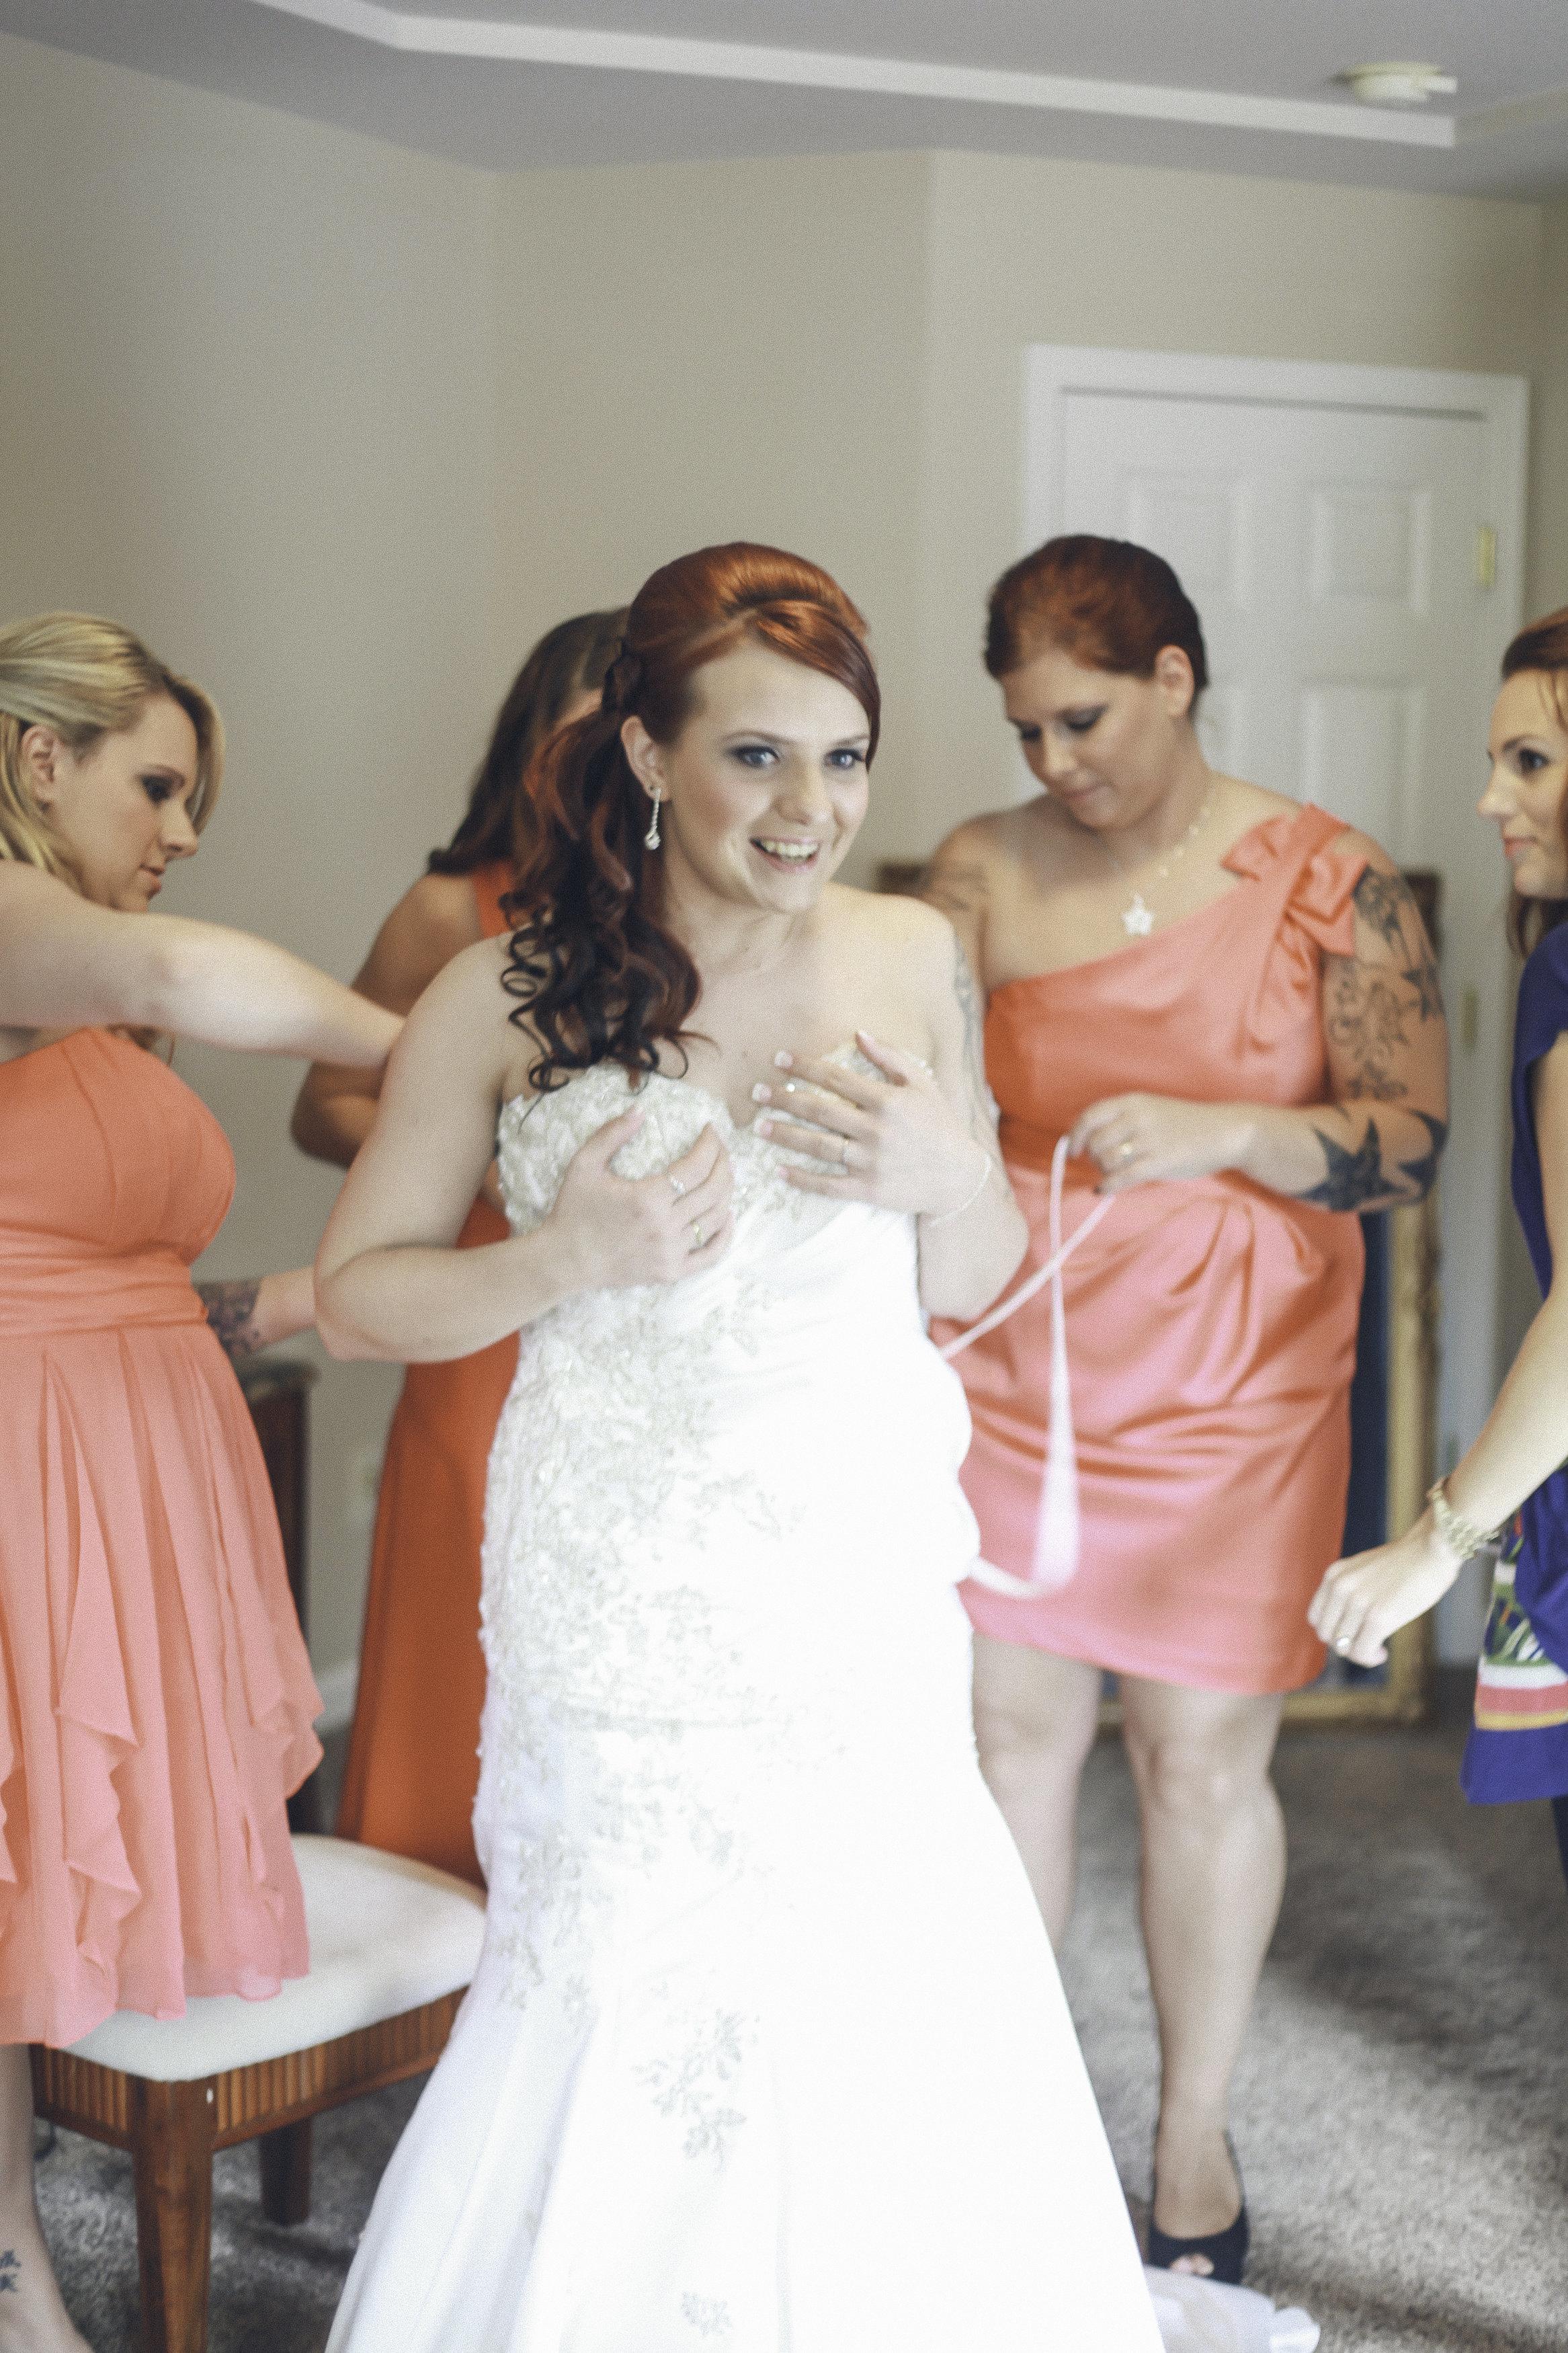 Devon Sara Married-Devon Sara-0017.jpg